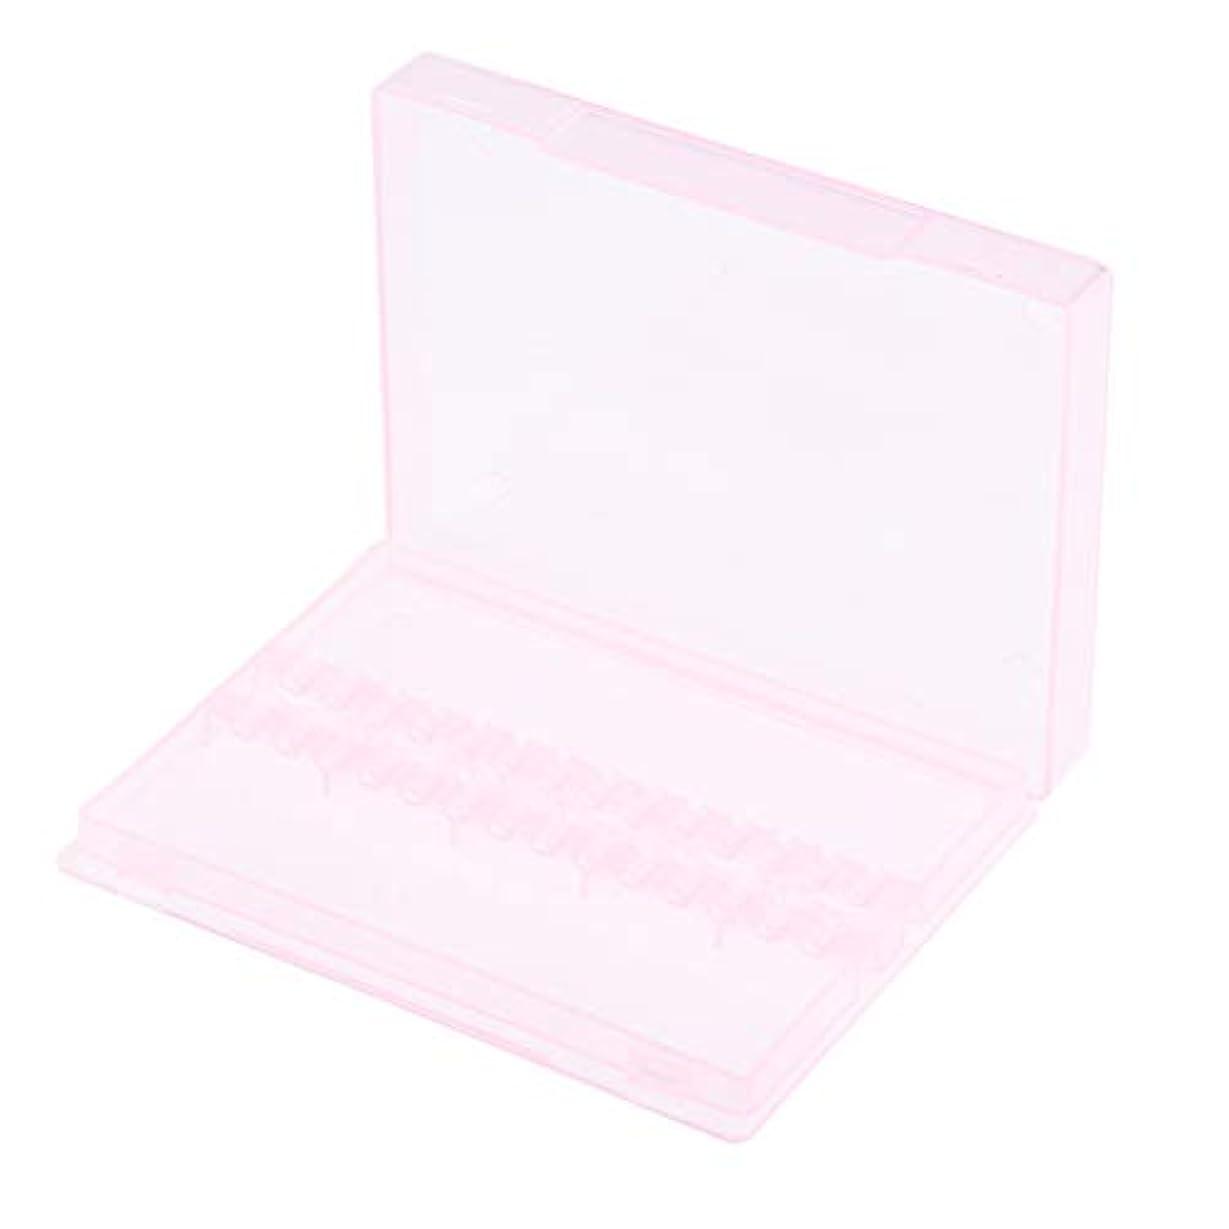 重々しい被る詩人F Fityle ネイルアート ドリルビットホルダー 空ボックス 収納ケース 2色選べ - ピンク